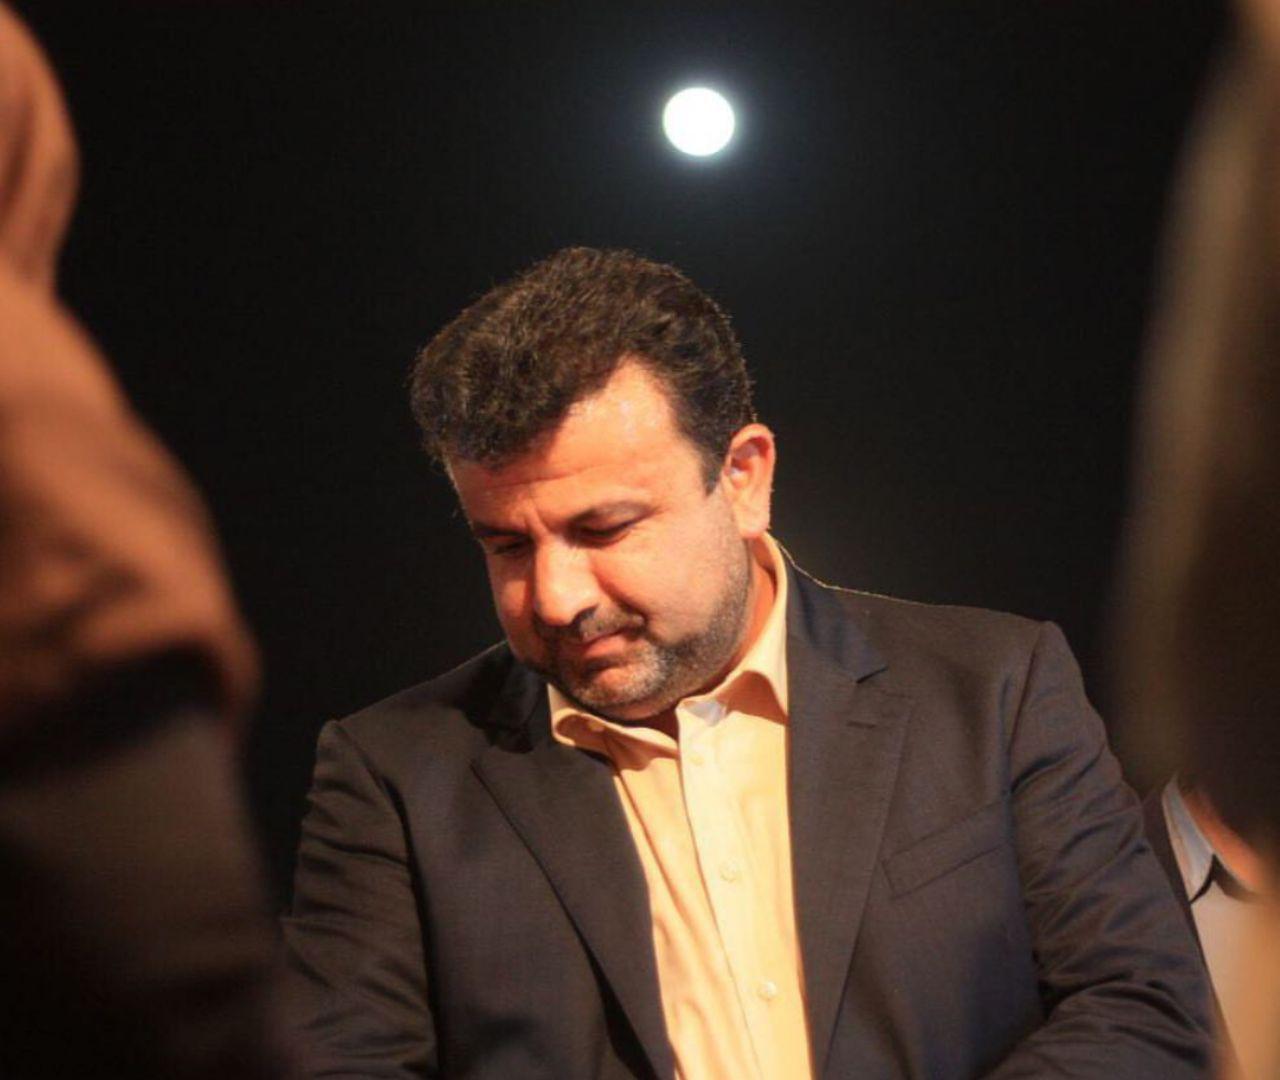 یک ورزشی تمام عیار استاندار مازندران شد / مجید حسین زادگان سکاندار مازندران شد !